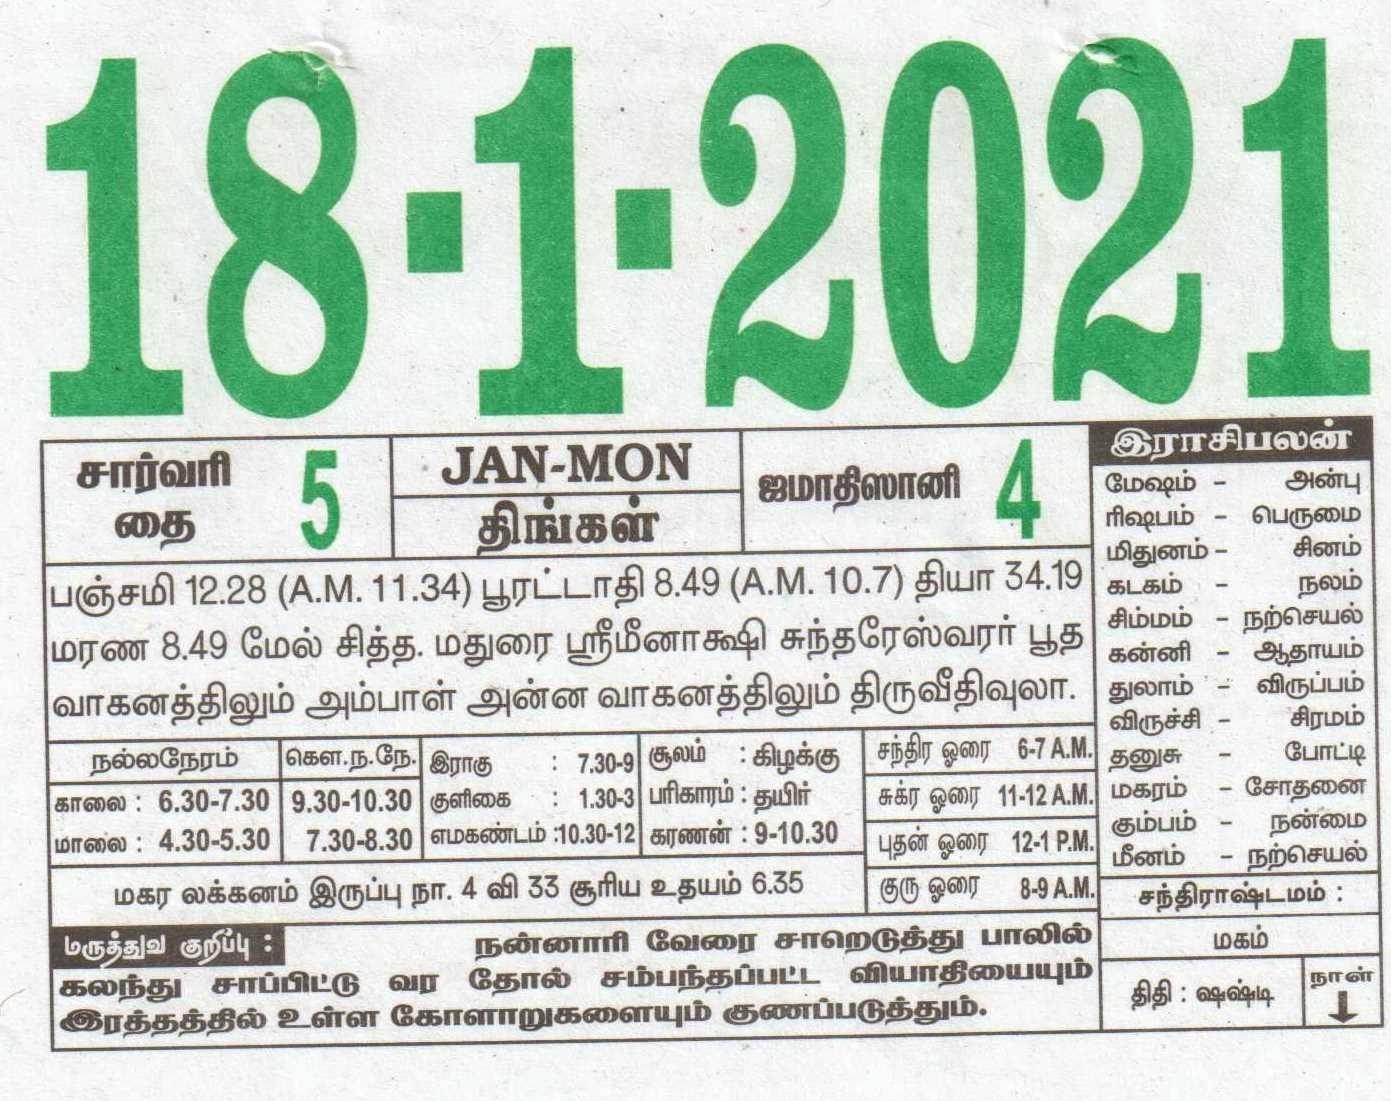 18-01-2021 Daily Calendar   Date 18 , January Daily Tear Off Calendar   Daily Panchangam Rasi Palan Tamil Daily Calendar 2021 December